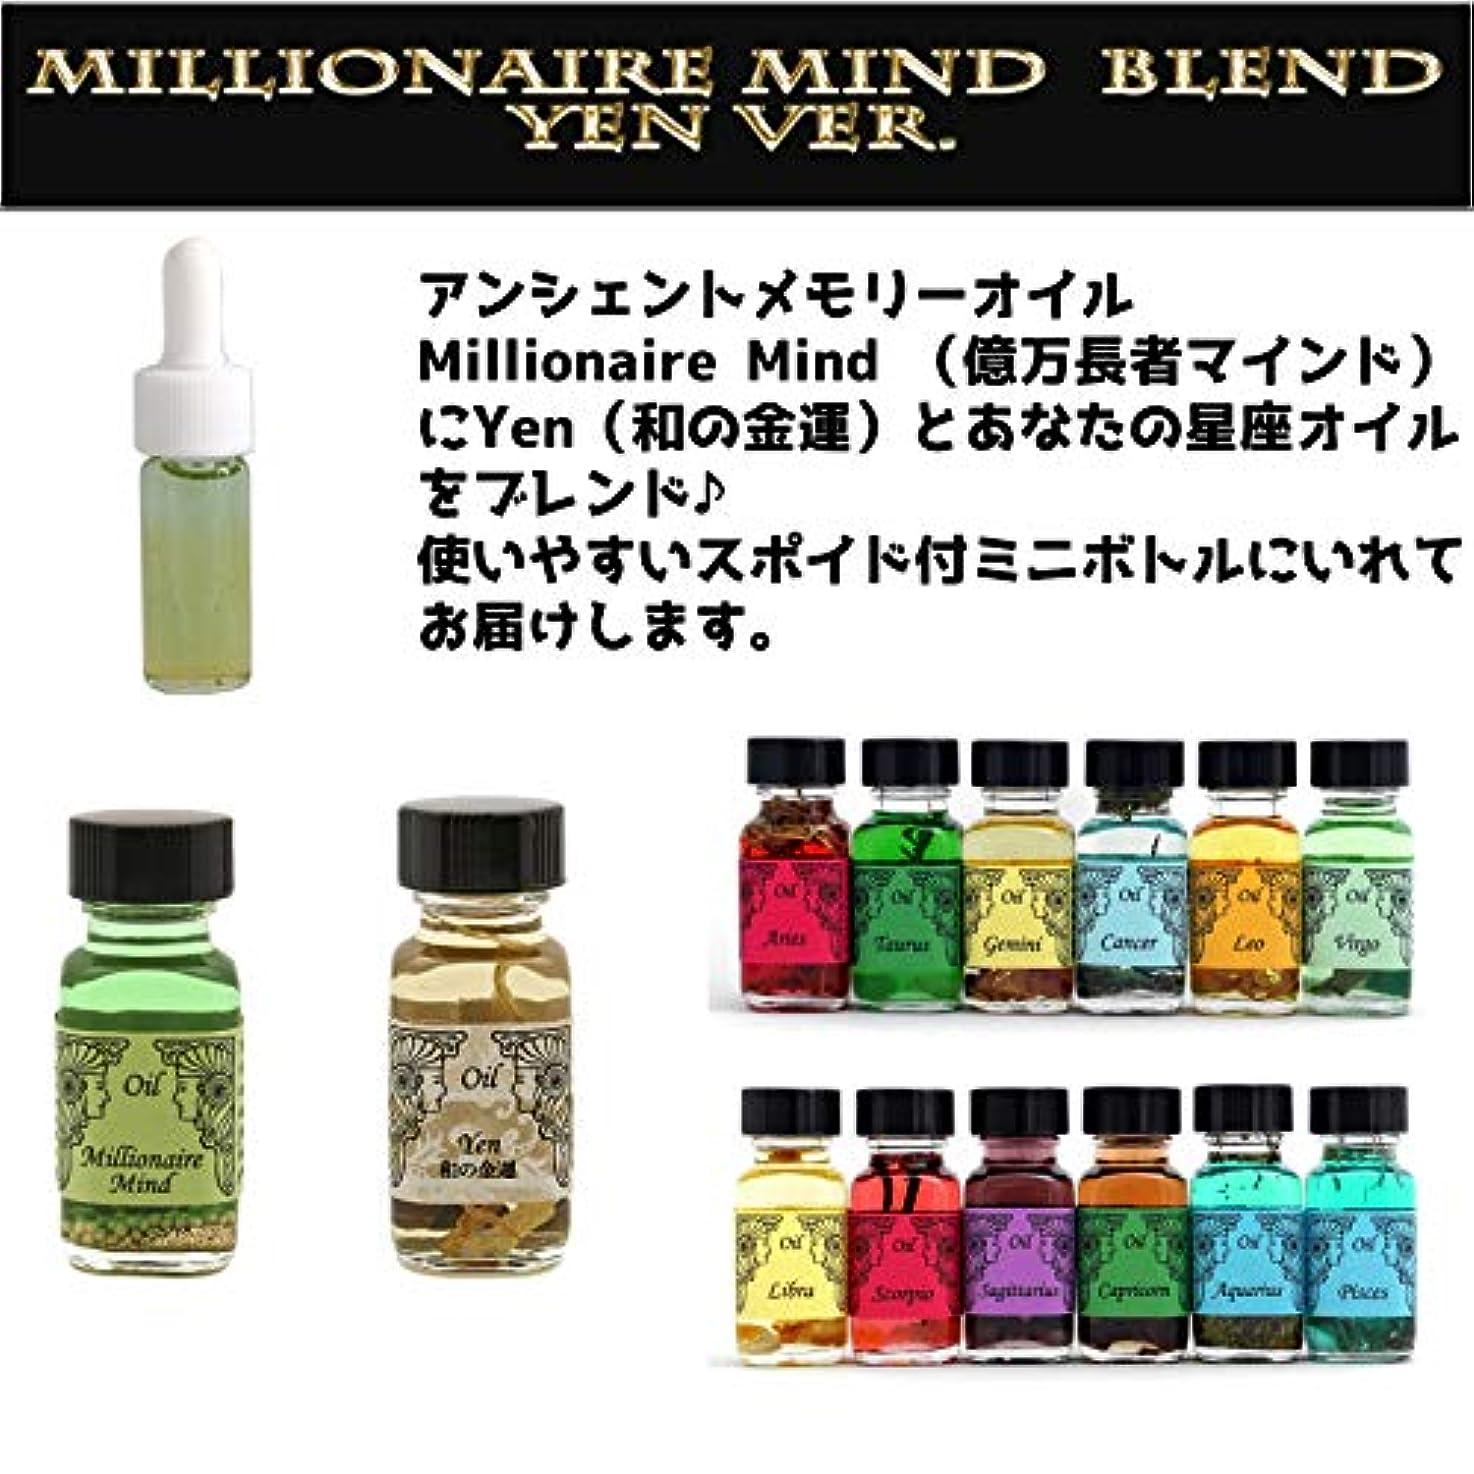 申込み負オフェンスアンシェントメモリーオイル Millionaire Mind 億万長者マインド ブレンド【Yen 和の金運&やぎ座】